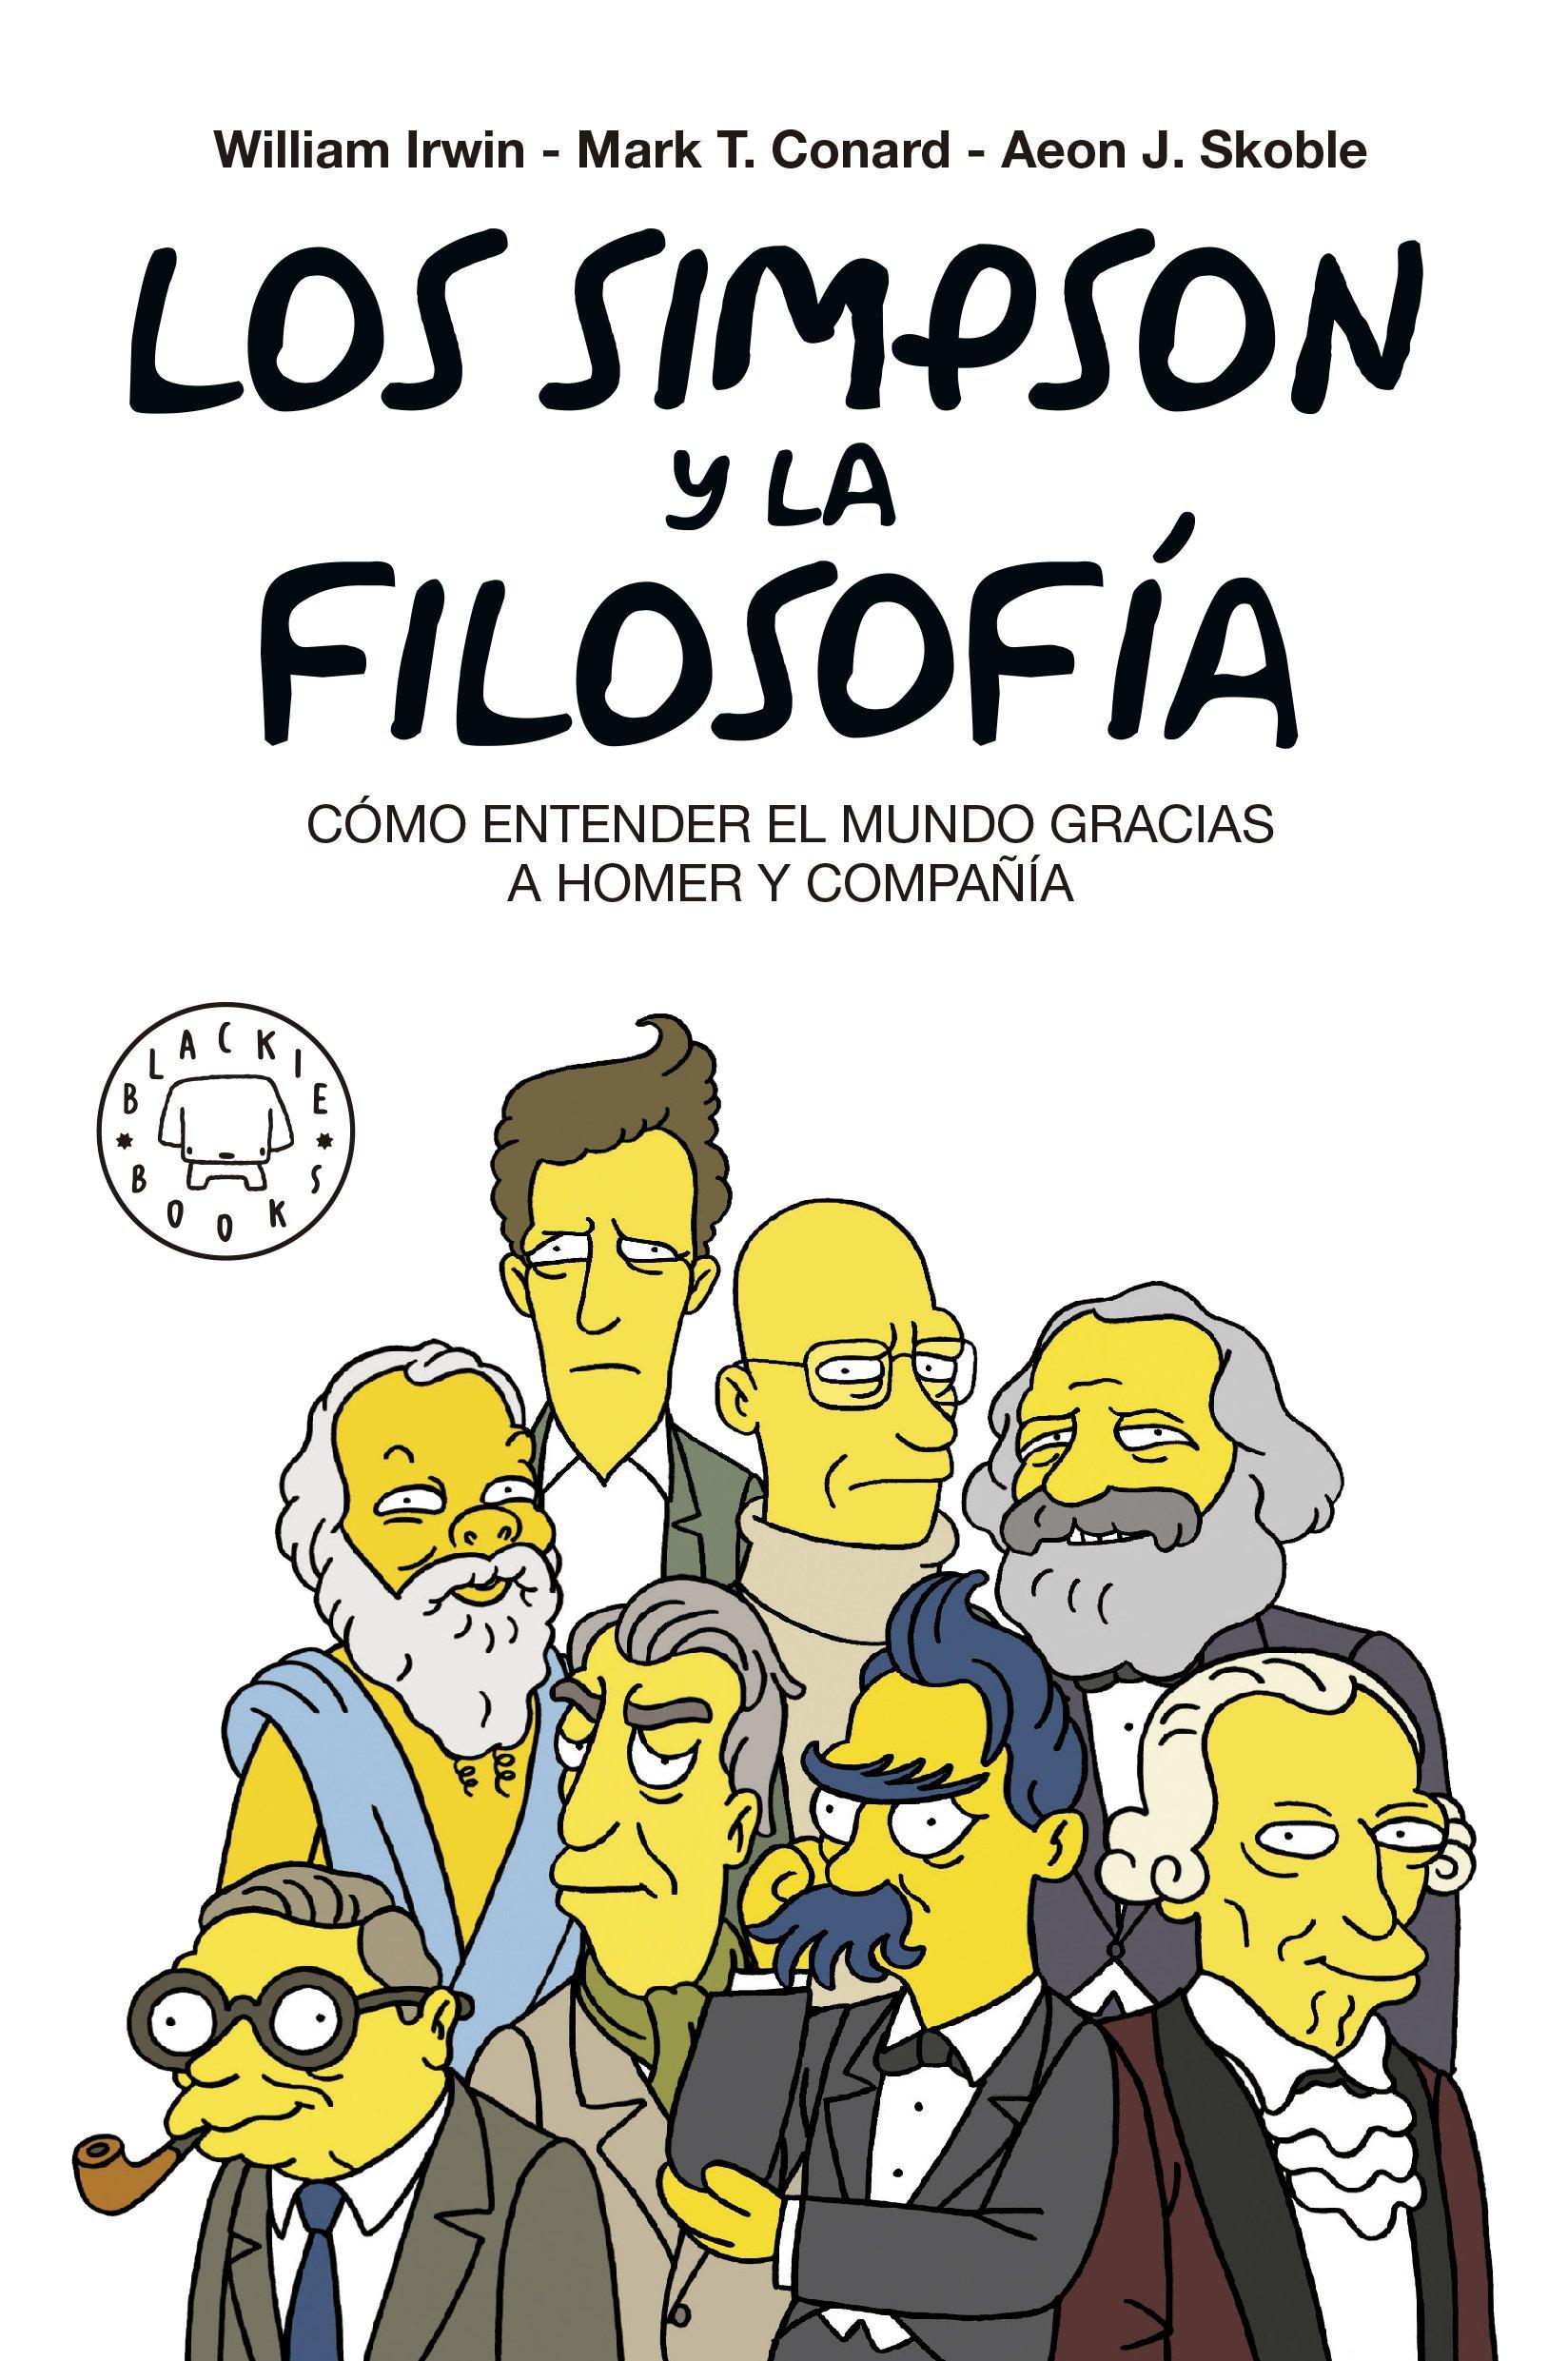 81o8kPoPLTL - Los Simpson y la filosofía. Nueva edición: CÓMO ENTENDER EL MUNDO GRACIAS A HOMER Y COMPAÑÍA